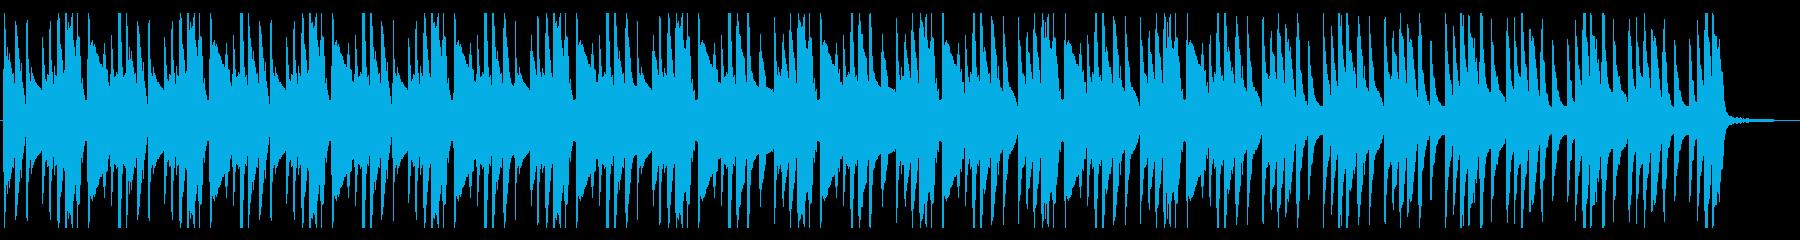 何かを考えているときに流れるBGMの再生済みの波形